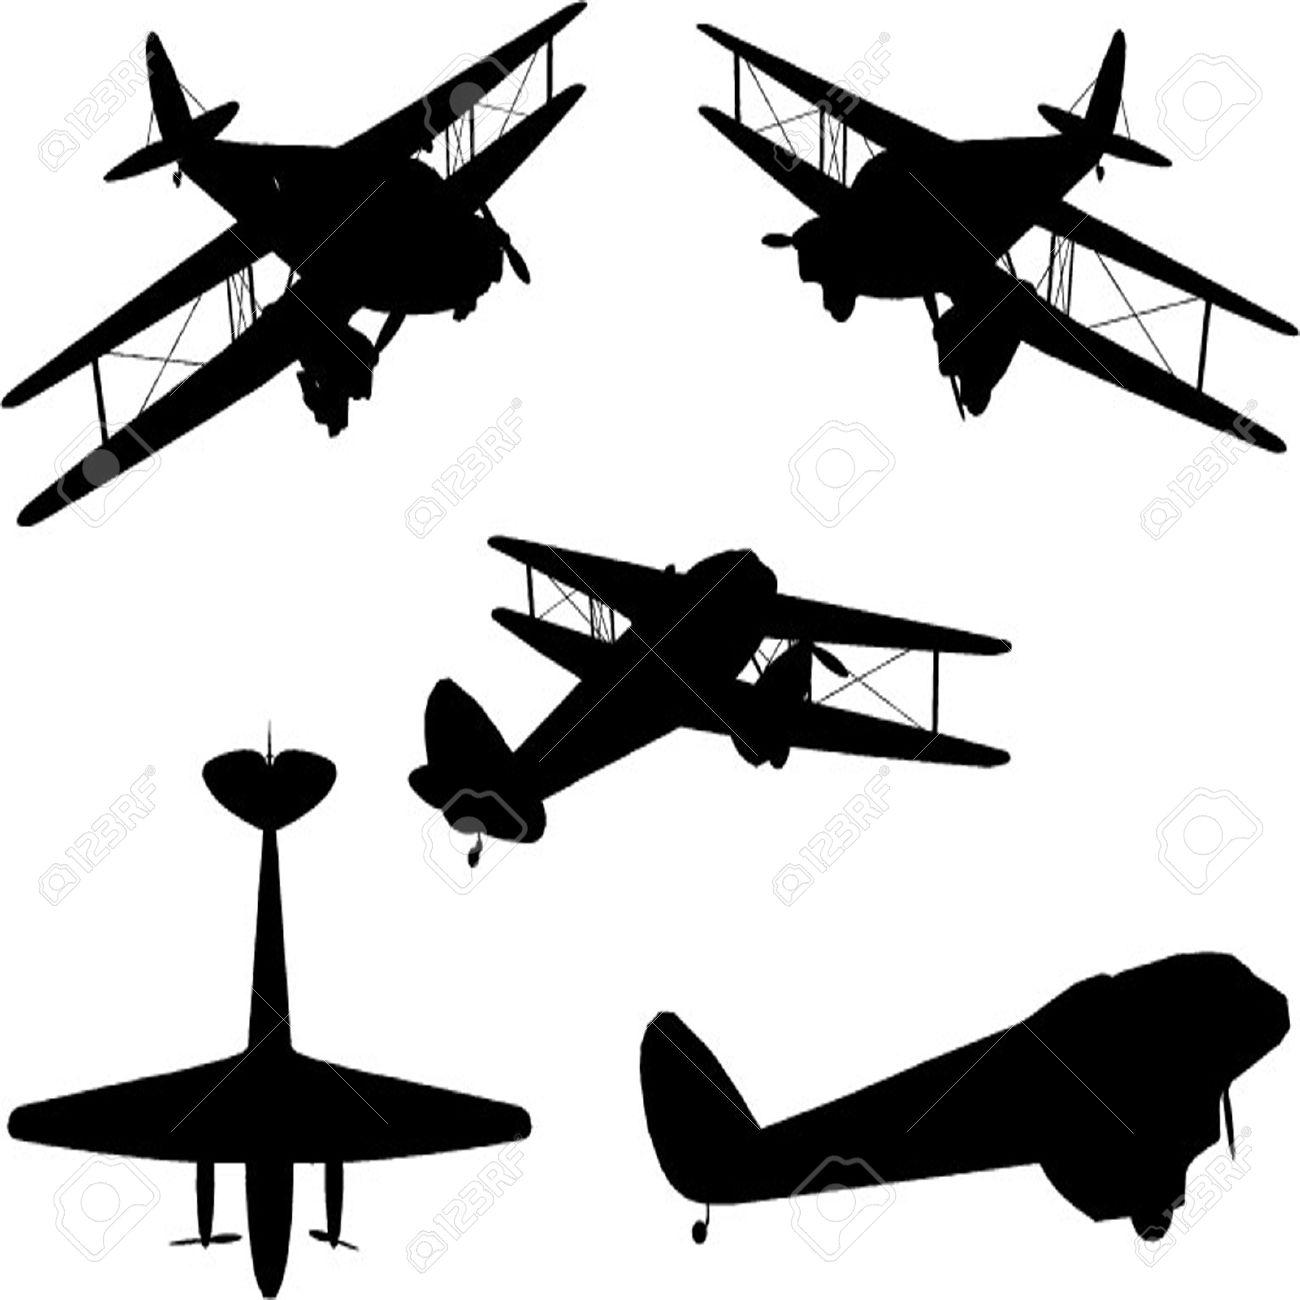 1300x1300 Vintage Plane Silhouette Set Royalty Free Cliparts, Vectors,